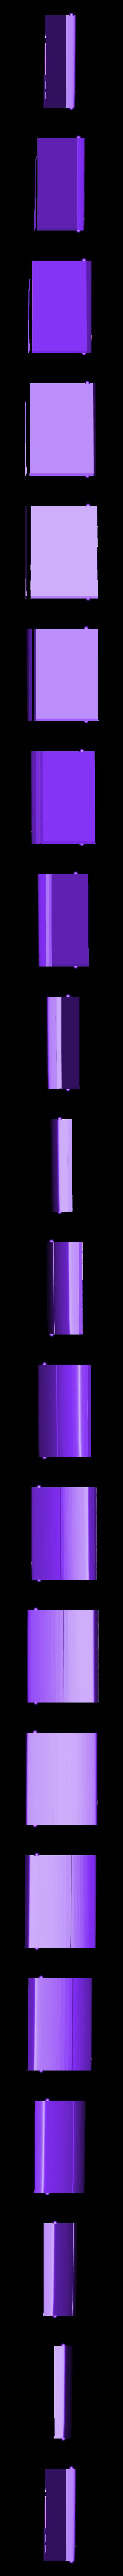 snes_ports.stl Télécharger fichier STL gratuit Snes Mini Raspberry Pi • Plan pour imprimante 3D, dukedoks